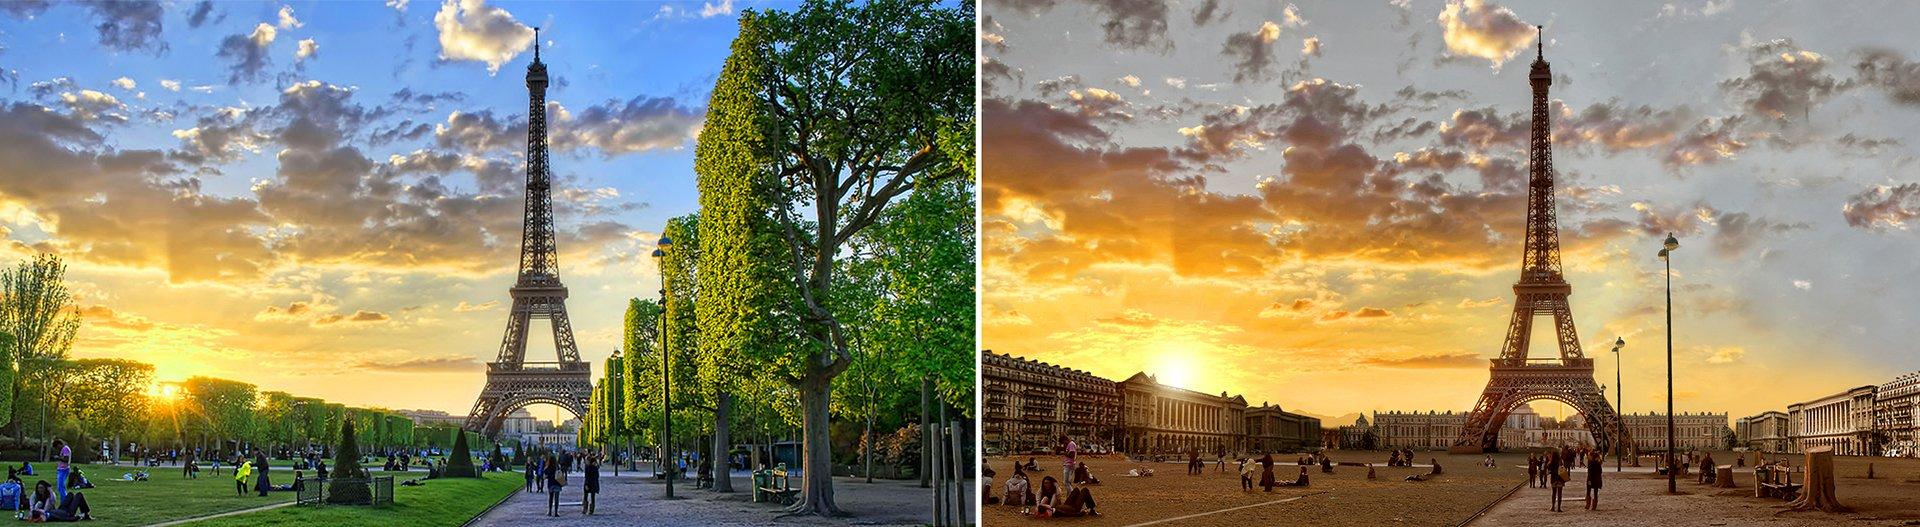 Imagen comparativa de la Torre Eiffel en la actualidad (izquierda) y una creación del diseñador Joel Krebs como si hubiera una sequía (derecha)